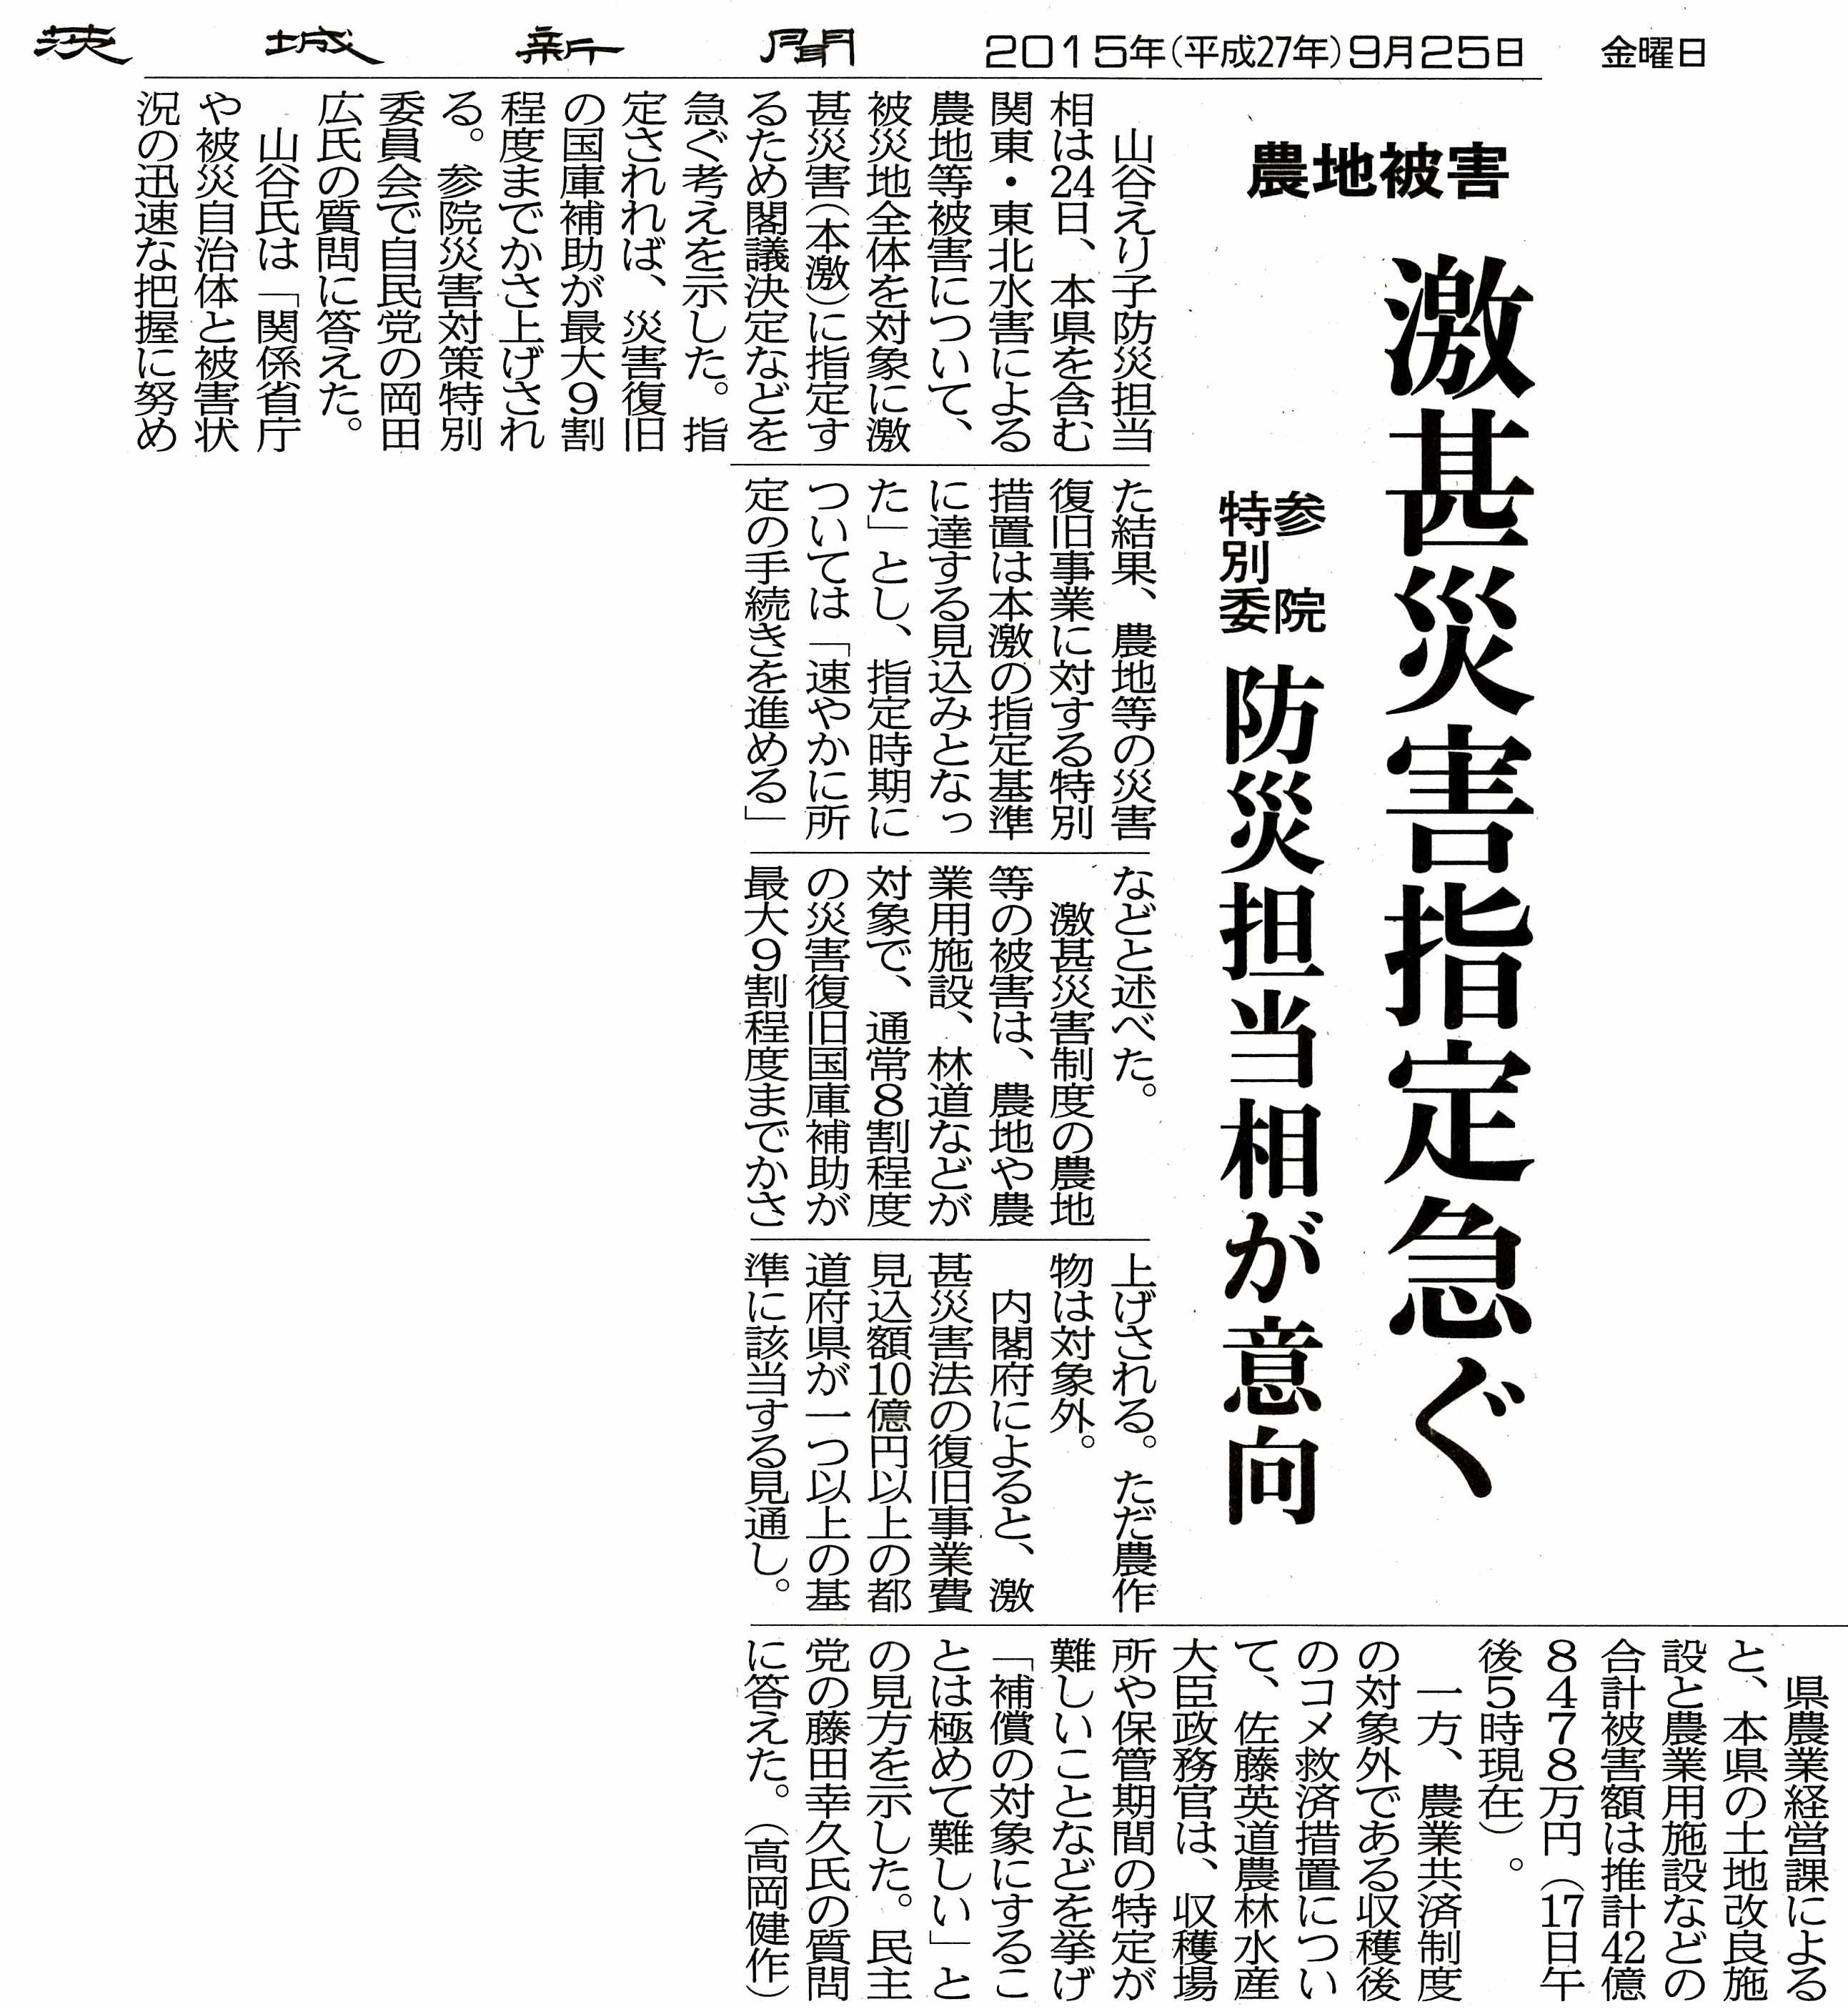 【茨城新聞】農地被害 激甚災害指定急ぐ 参院特別委、防災担当相が意向